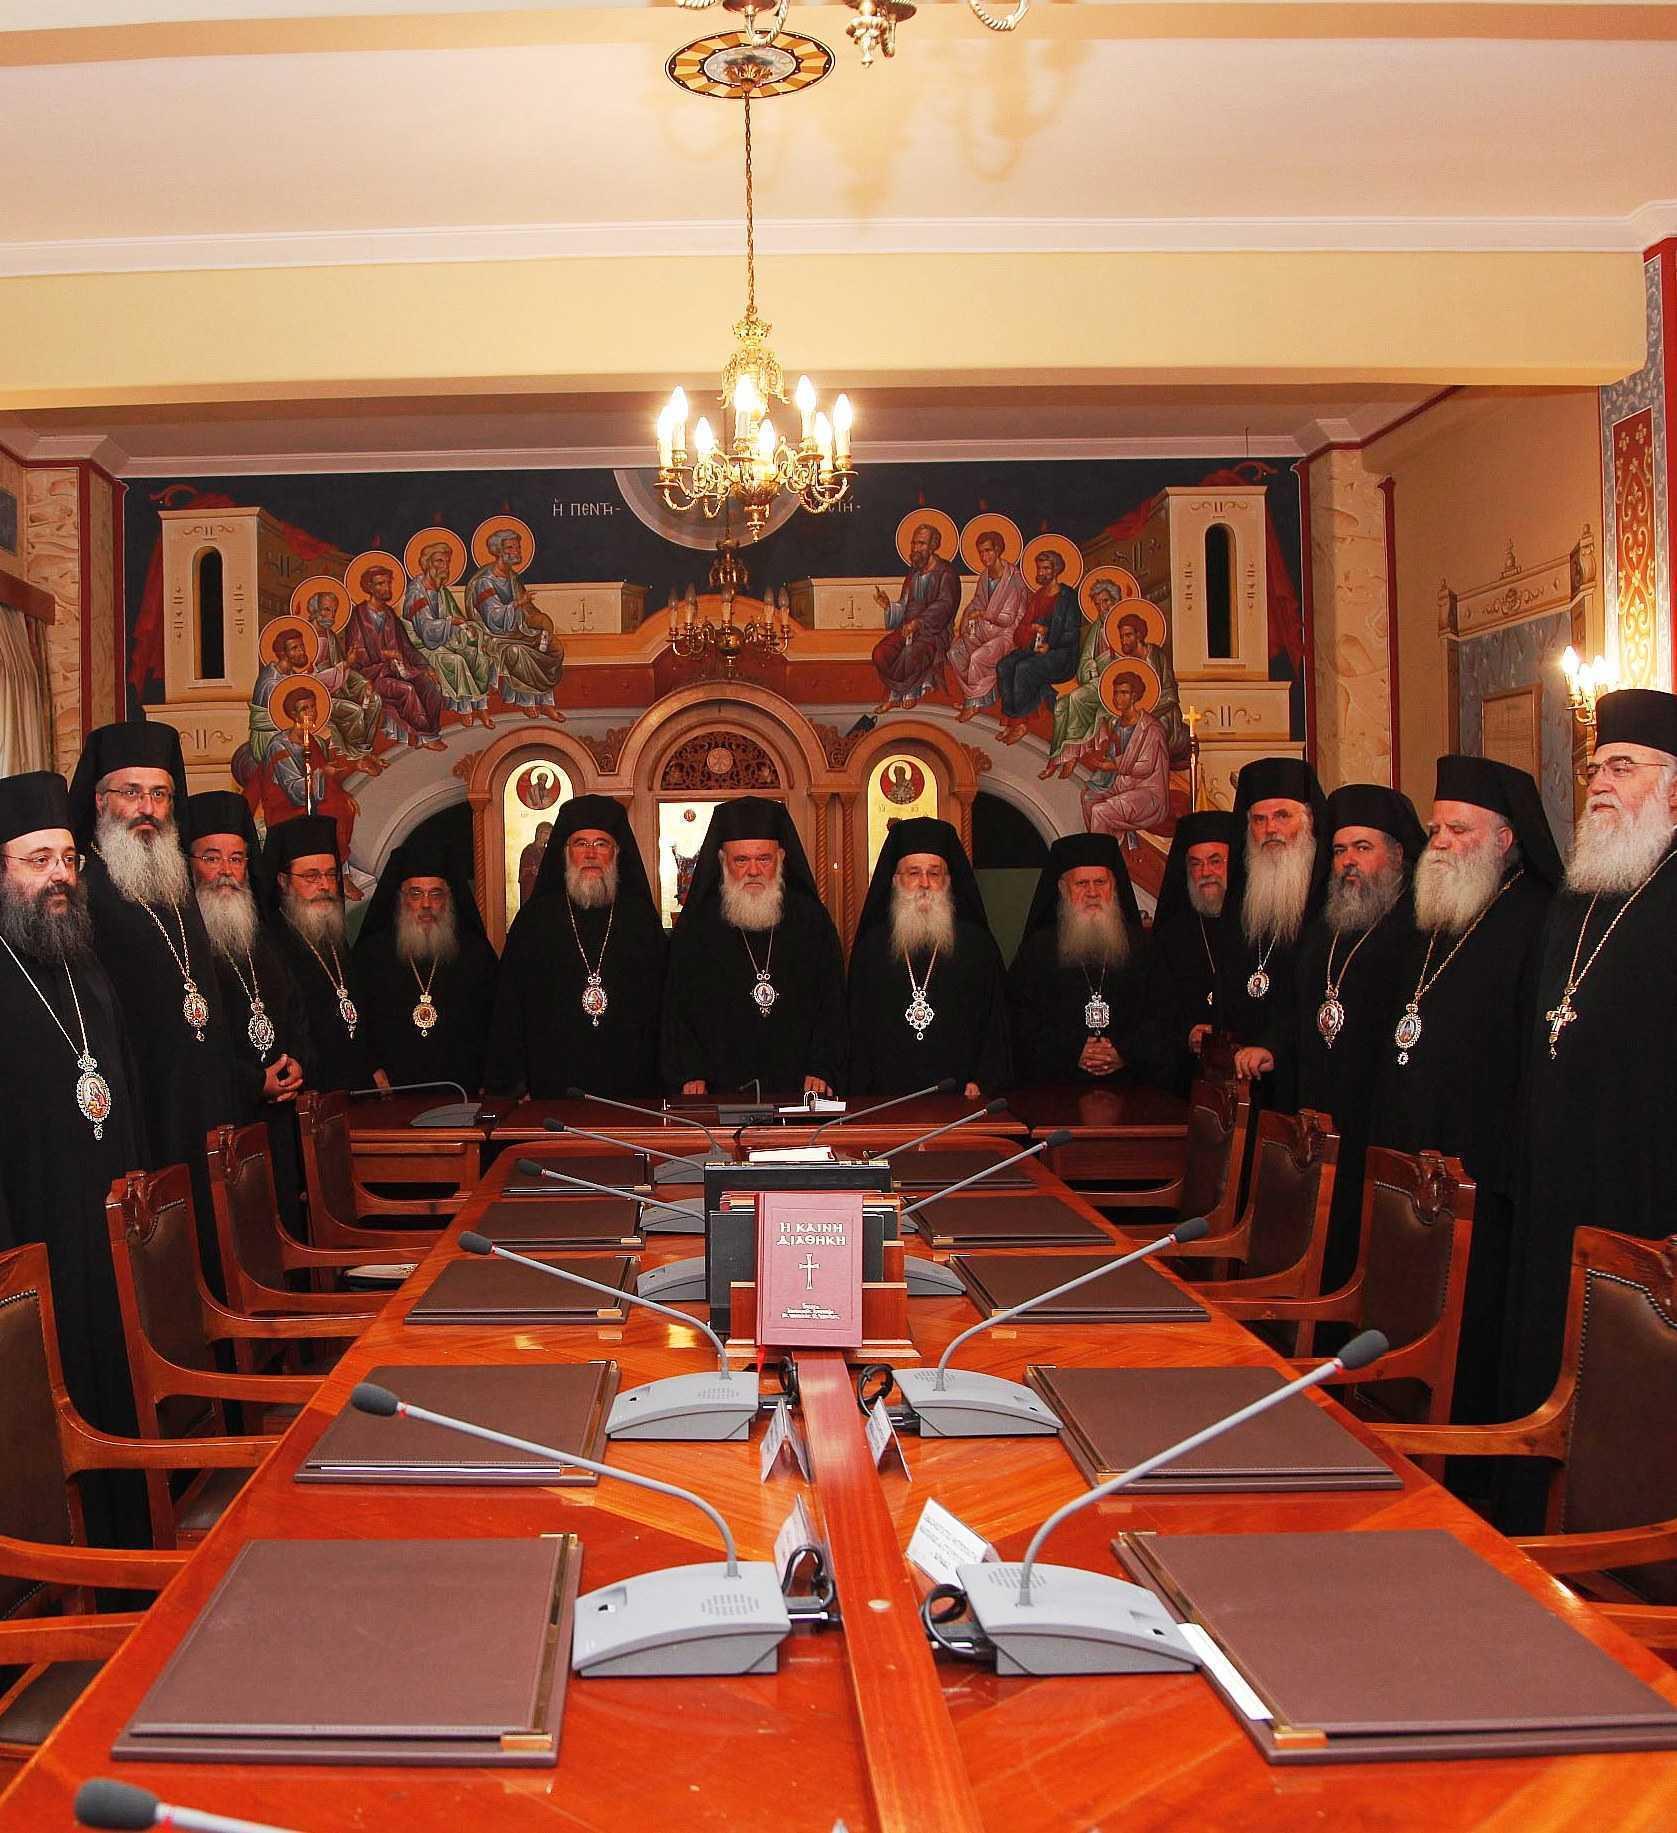 Sinodul Permanent al Bisericii Greciei: arestarea Staretului Efrem a RANIT AUTORITATEA BISERICII. Arhiepiscopul Ieronim il va VIZITA LA INCHISOARE